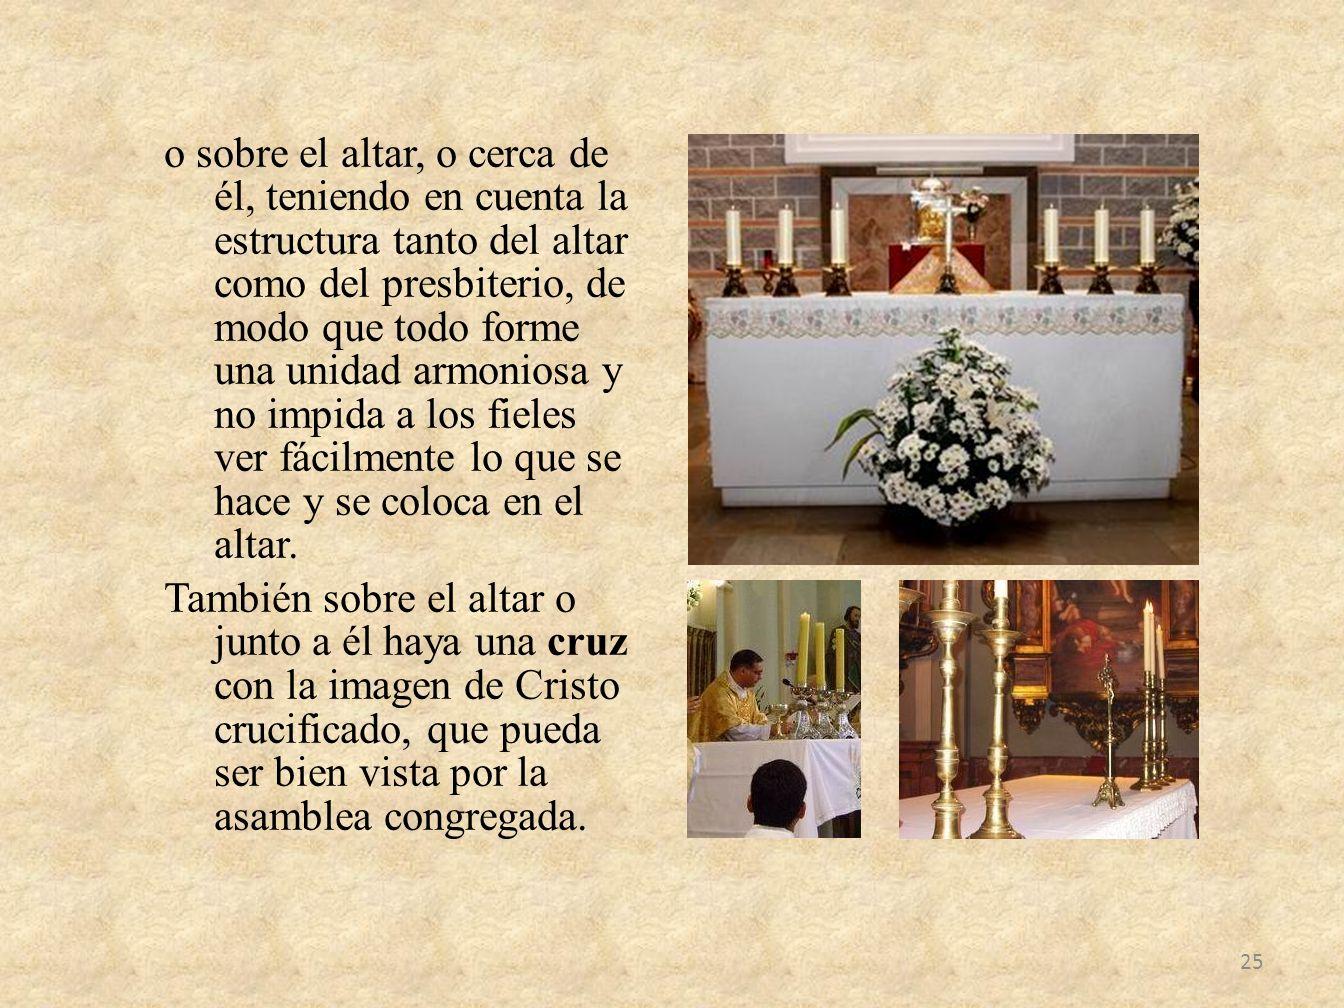 o sobre el altar, o cerca de él, teniendo en cuenta la estructura tanto del altar como del presbiterio, de modo que todo forme una unidad armoniosa y